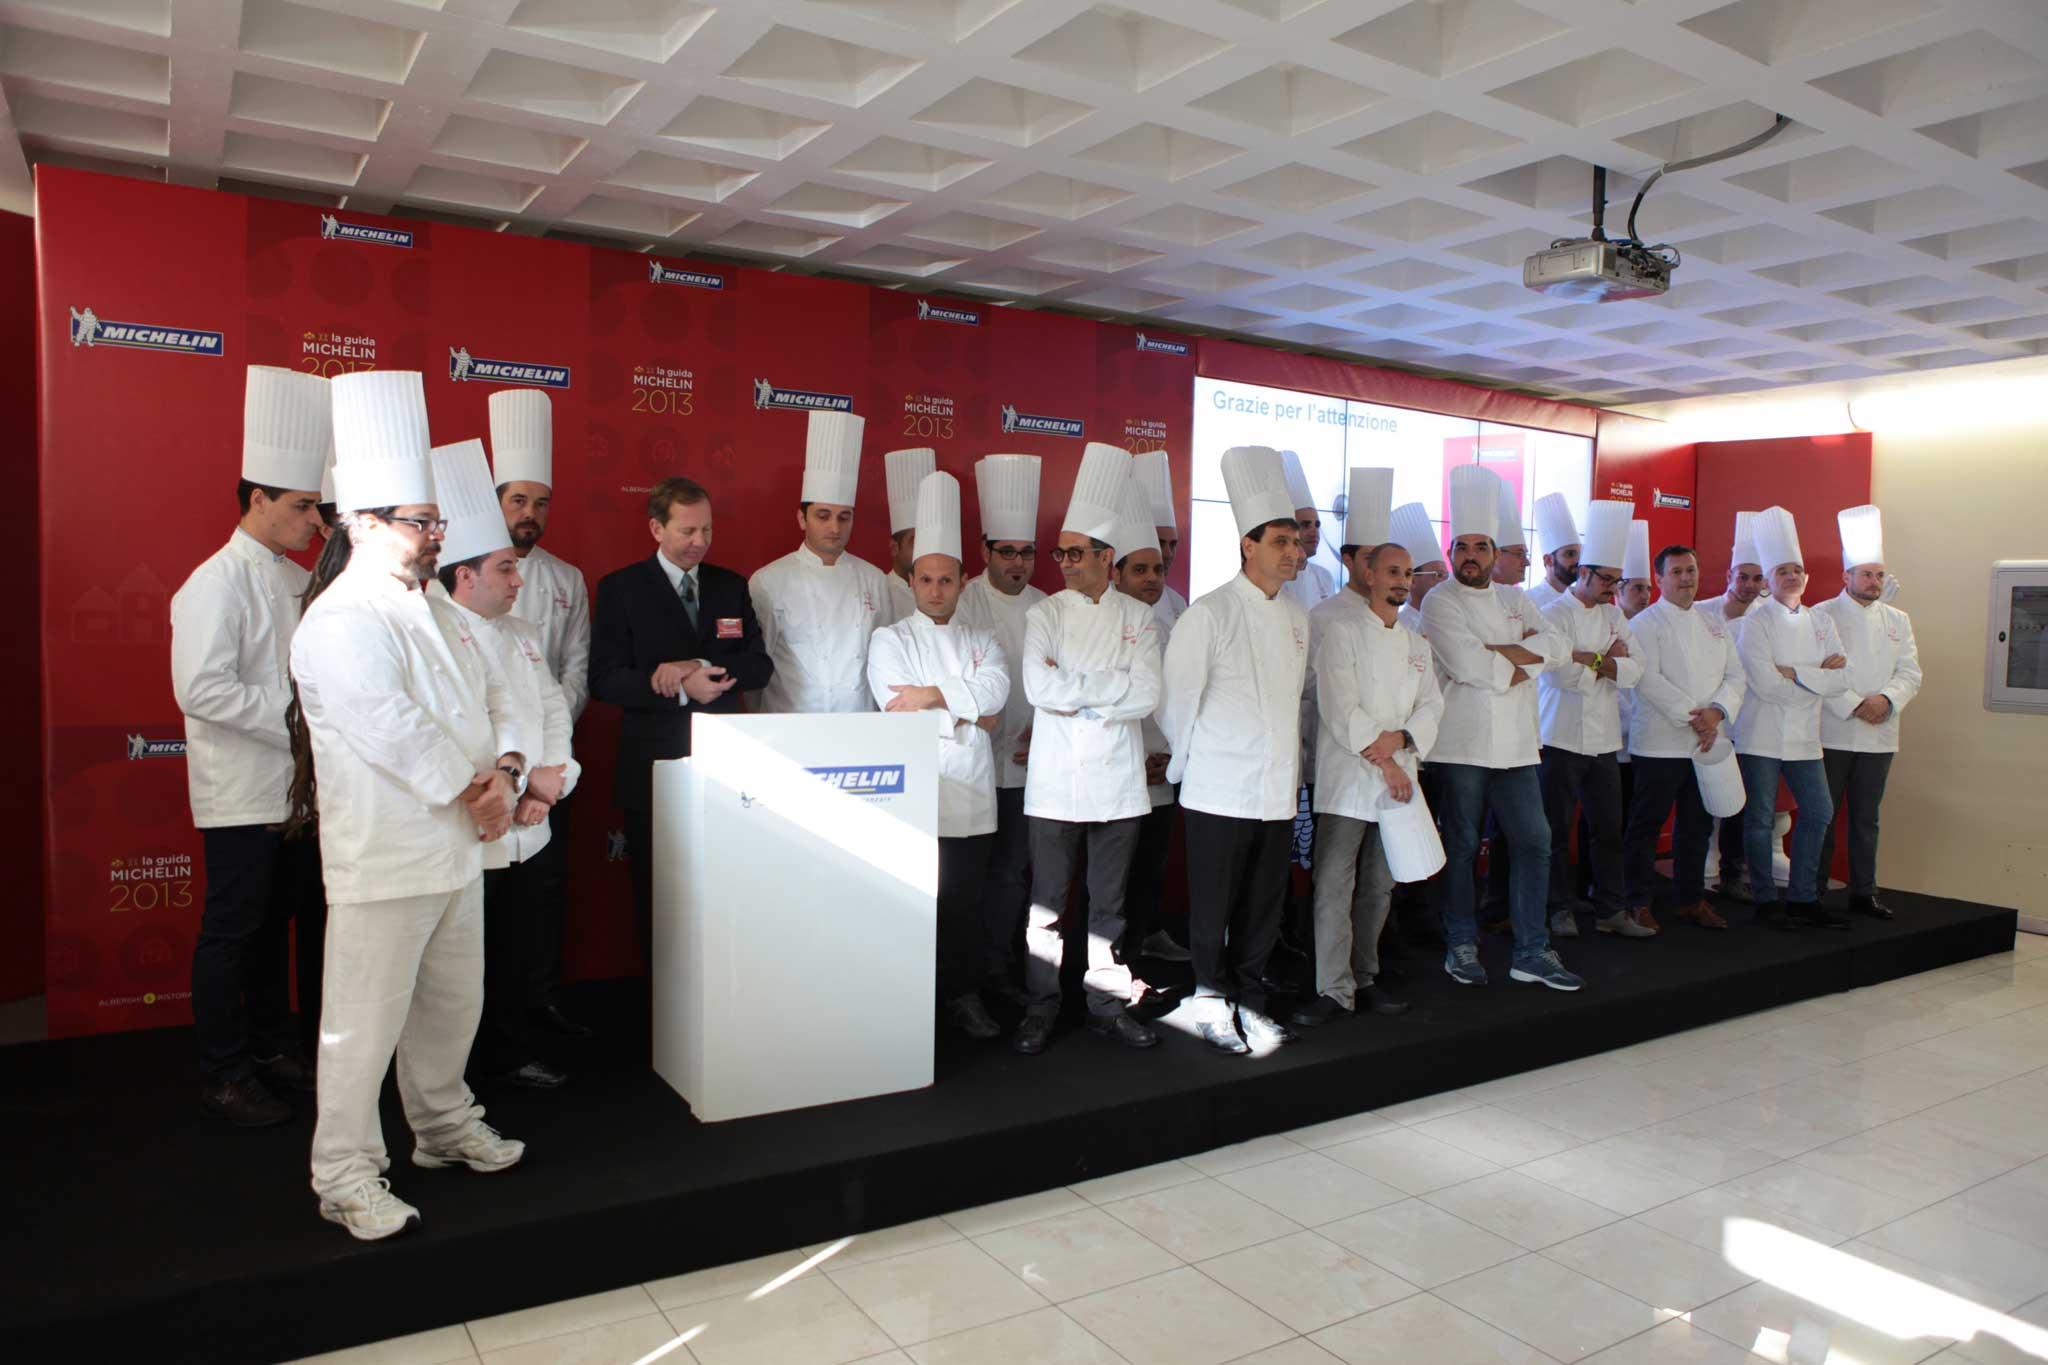 La Credenza Stella Michelin : Guida michelin tutte le stelle dei ristoranti in italia